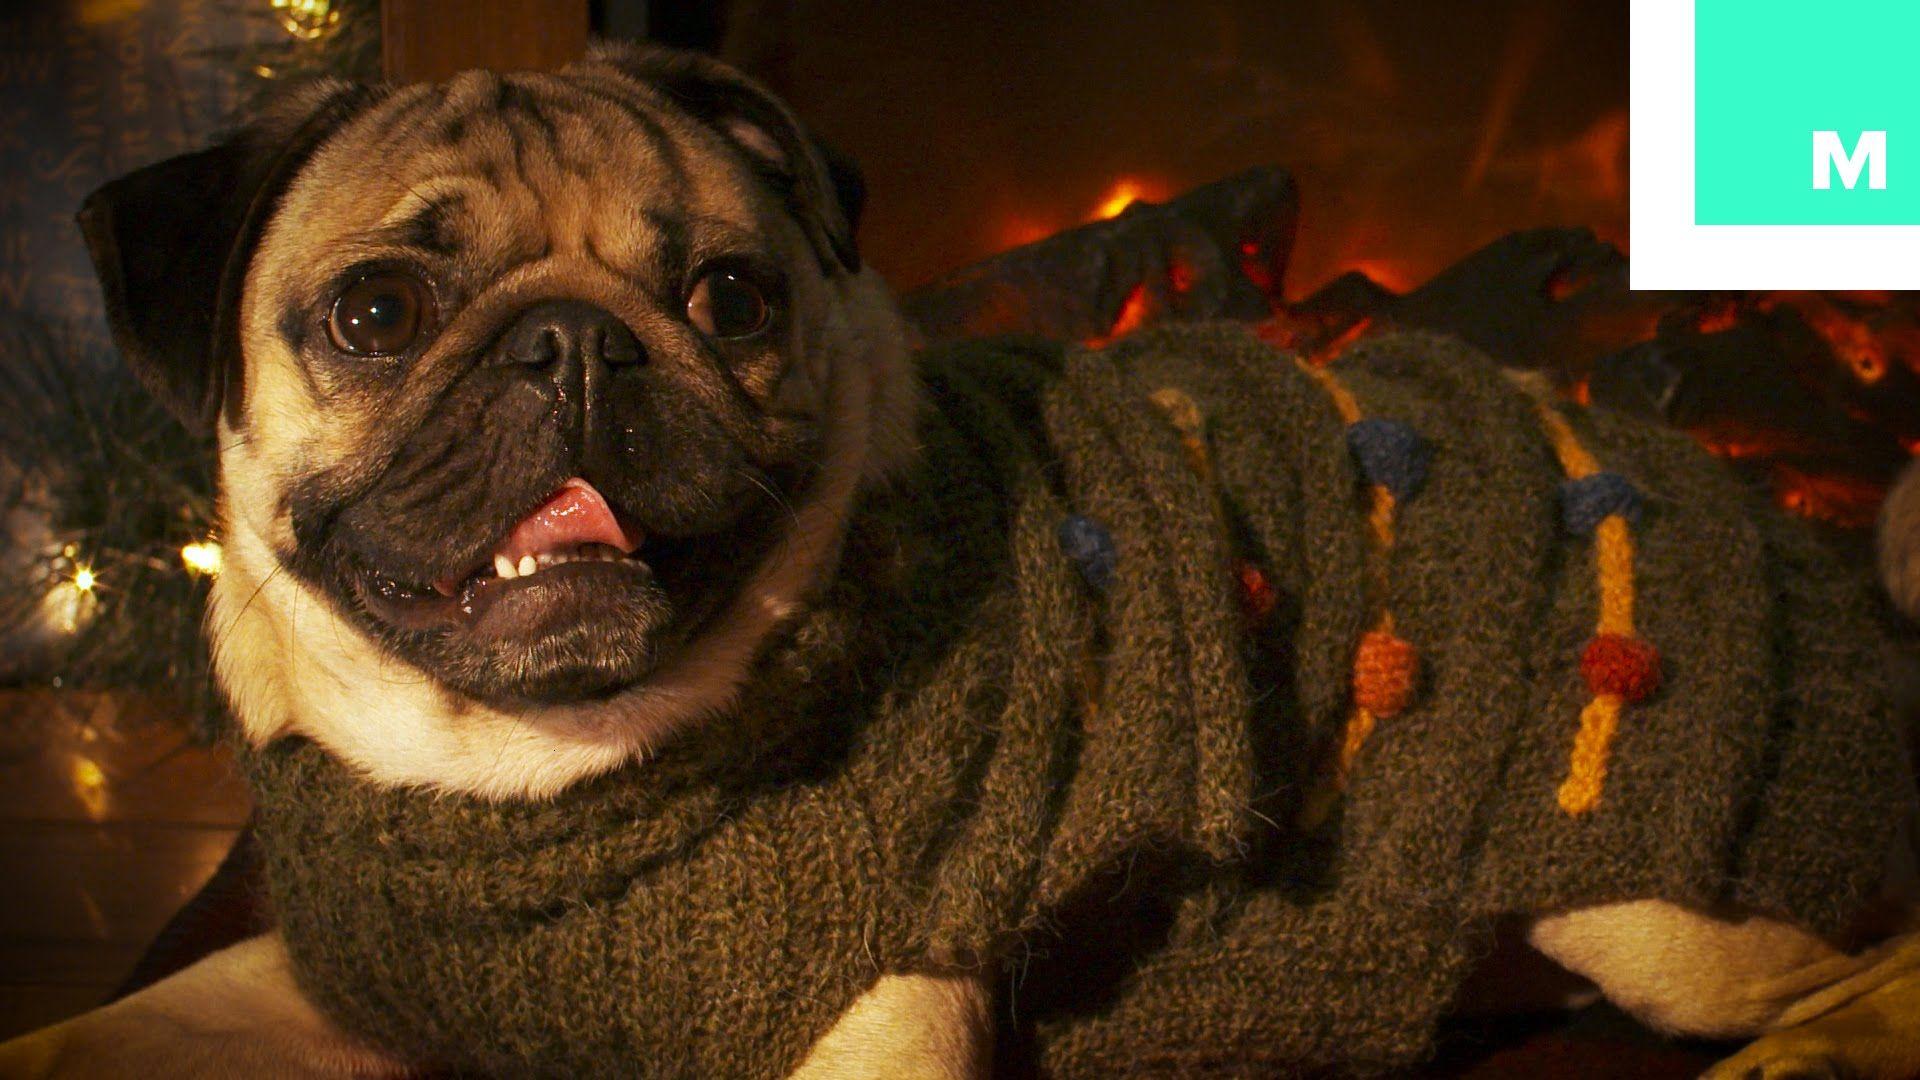 Doug The Pug Holiday Yule Log With Images Doug The Pug Pugs